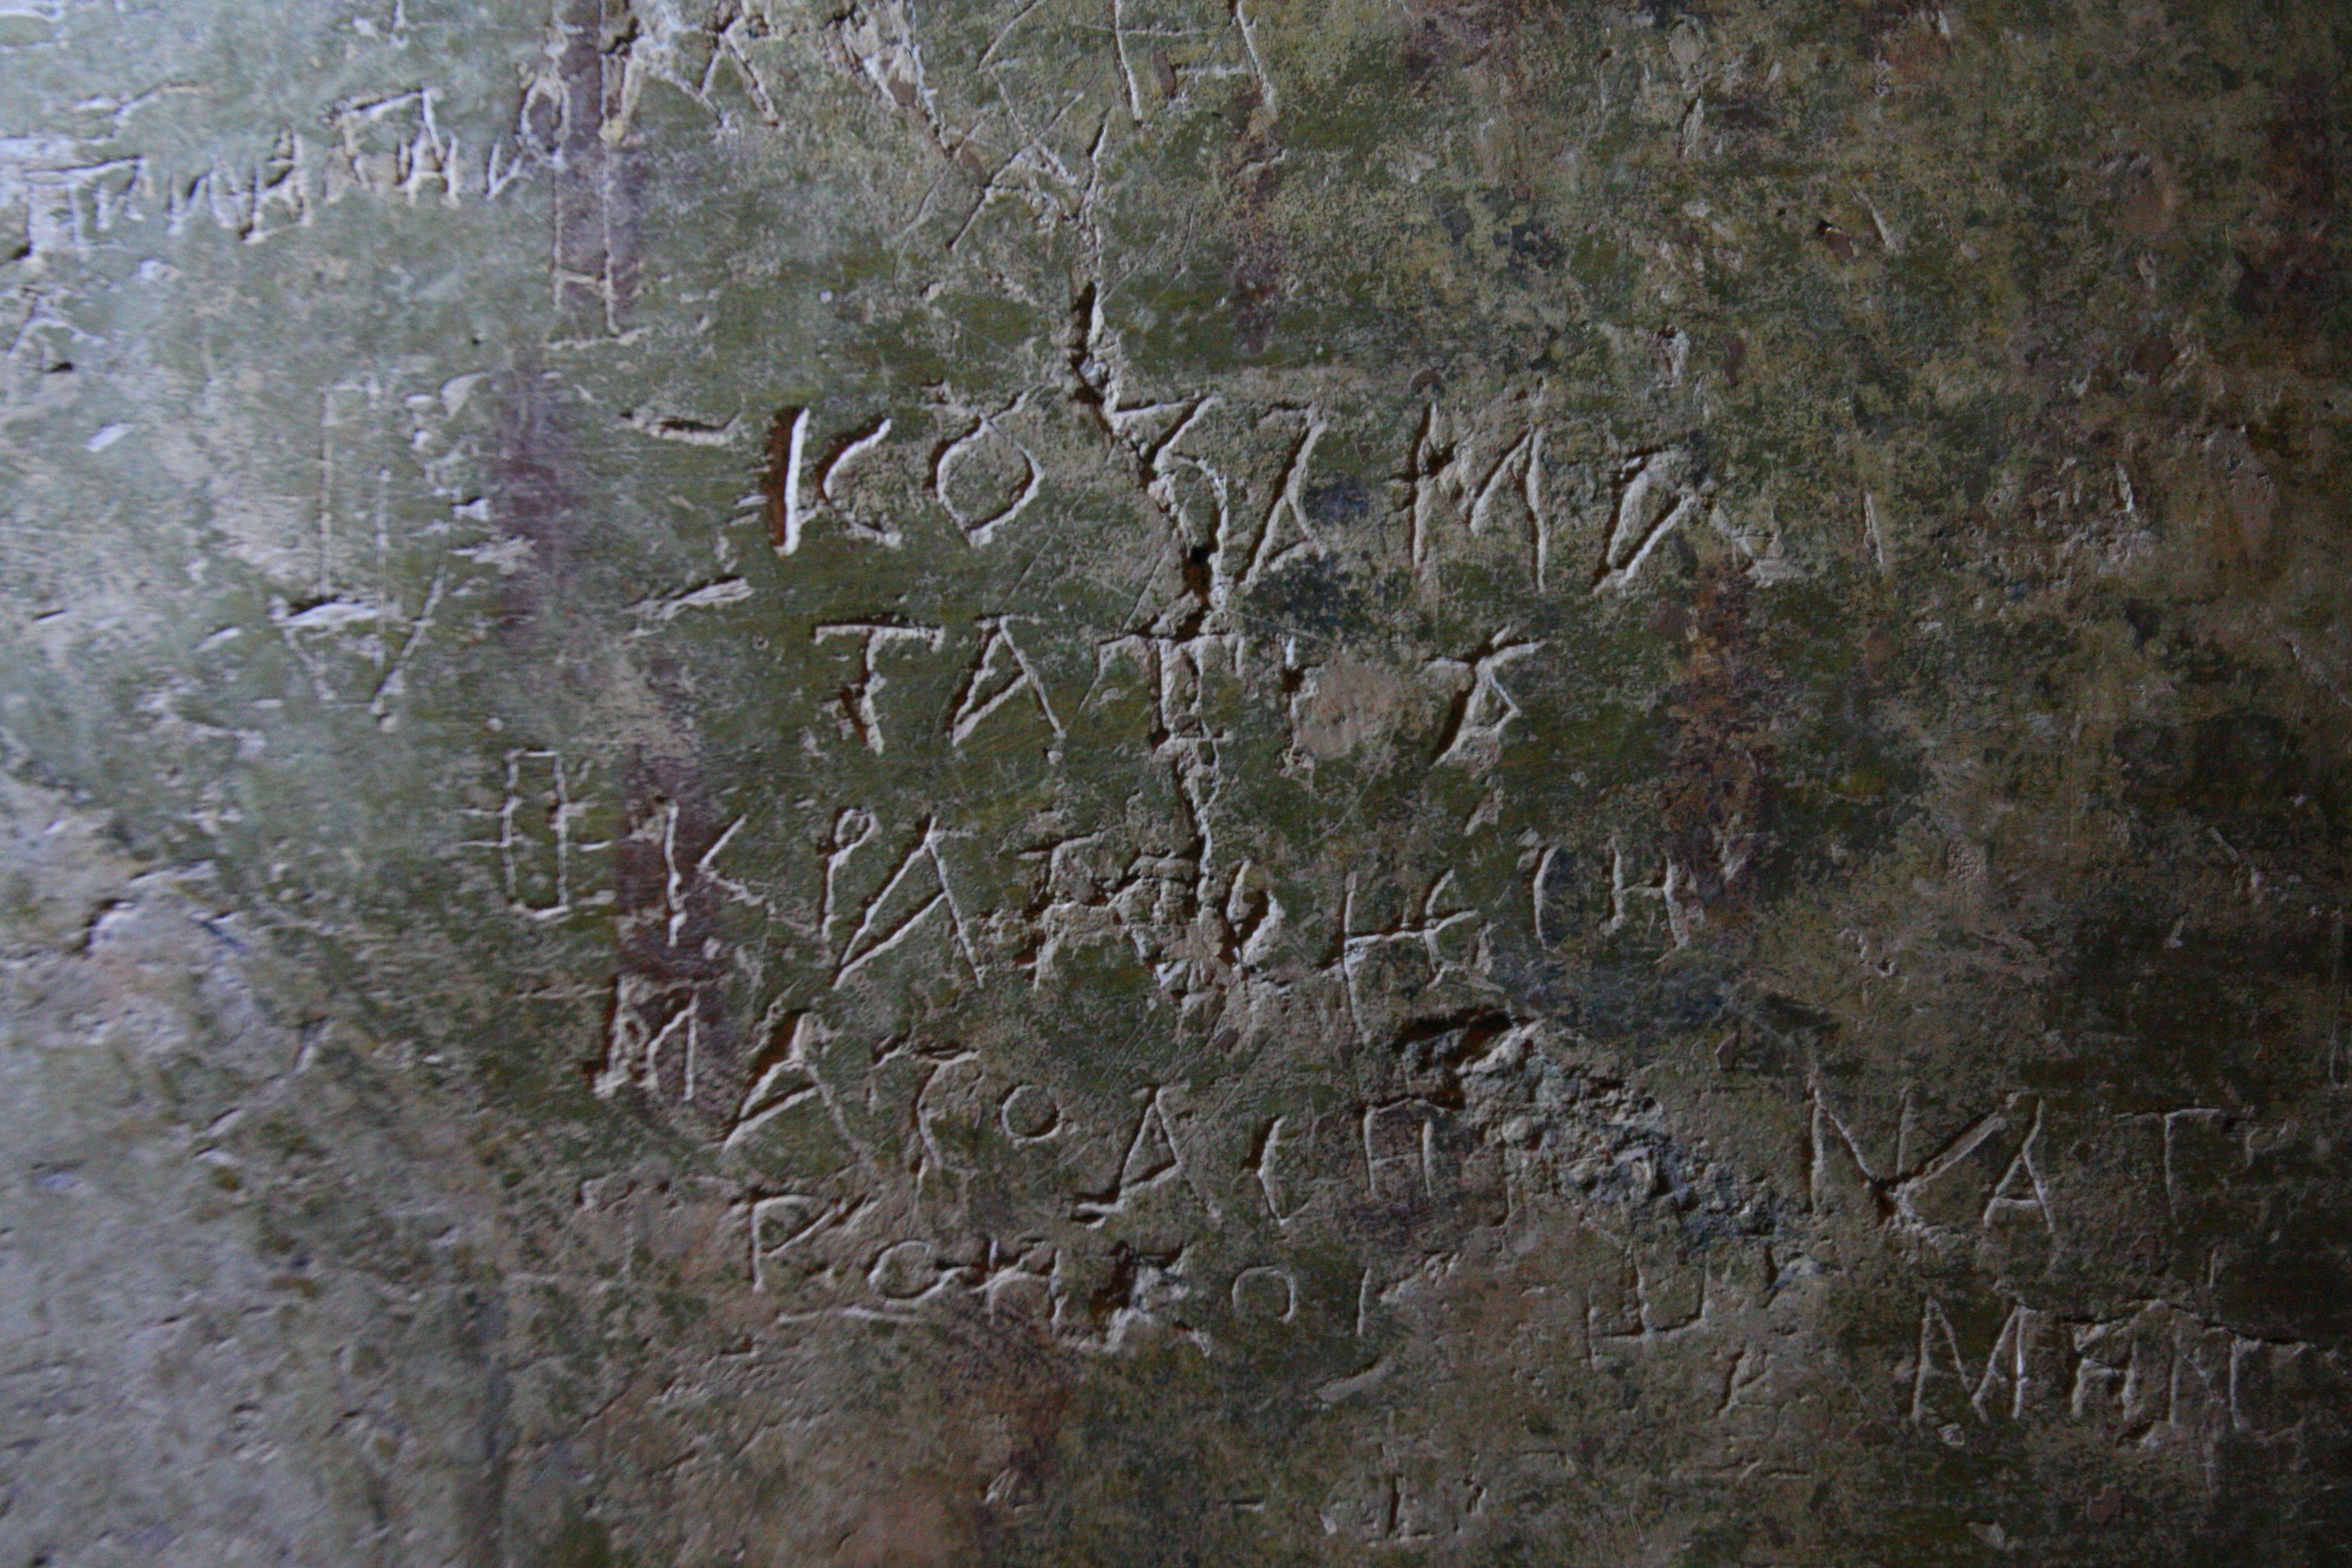 """Зловещее послание. """"Нашкрябано"""" проклятие для вора Кузьмы. Фото: А. Бойко"""